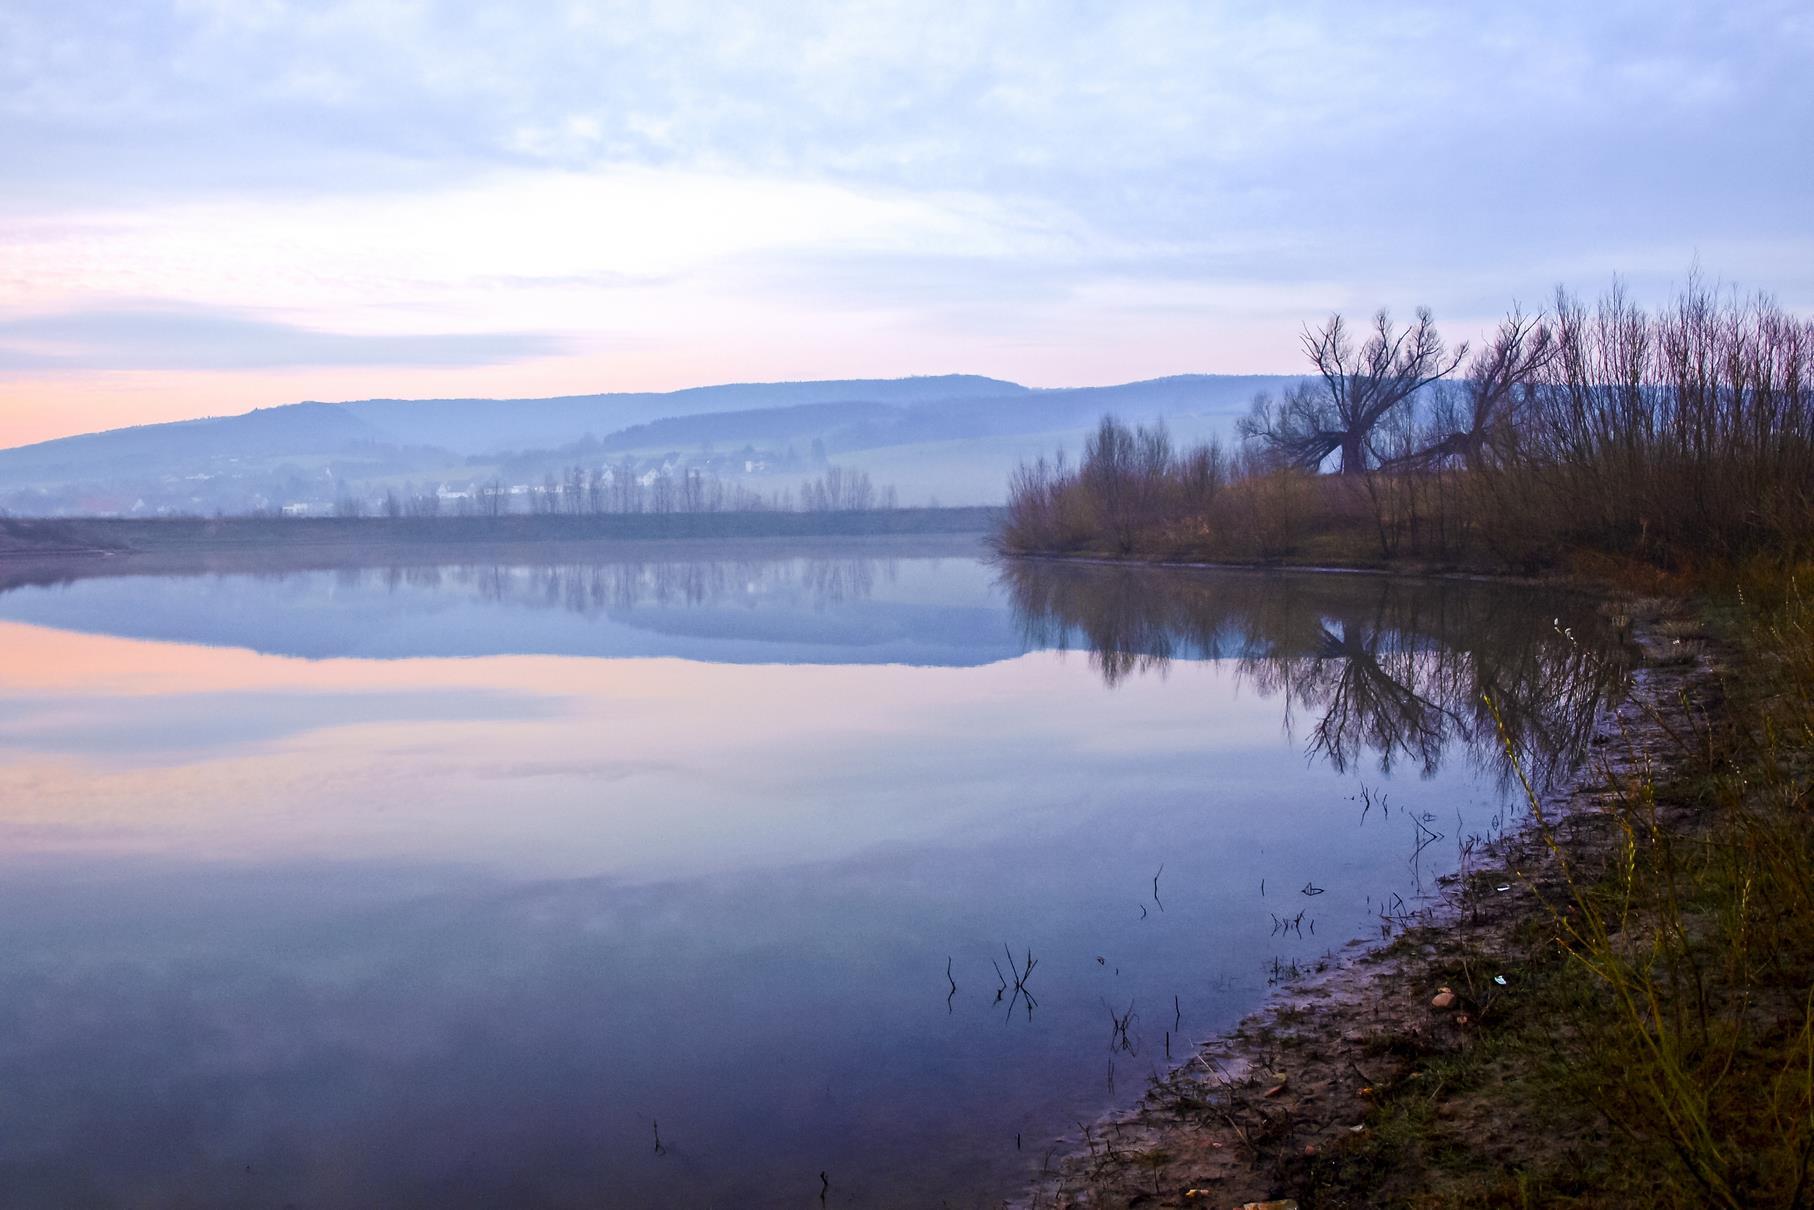 Das Ufer des westlichen Teiches mit den großen Kopfweiden in der Morgendämmerung.